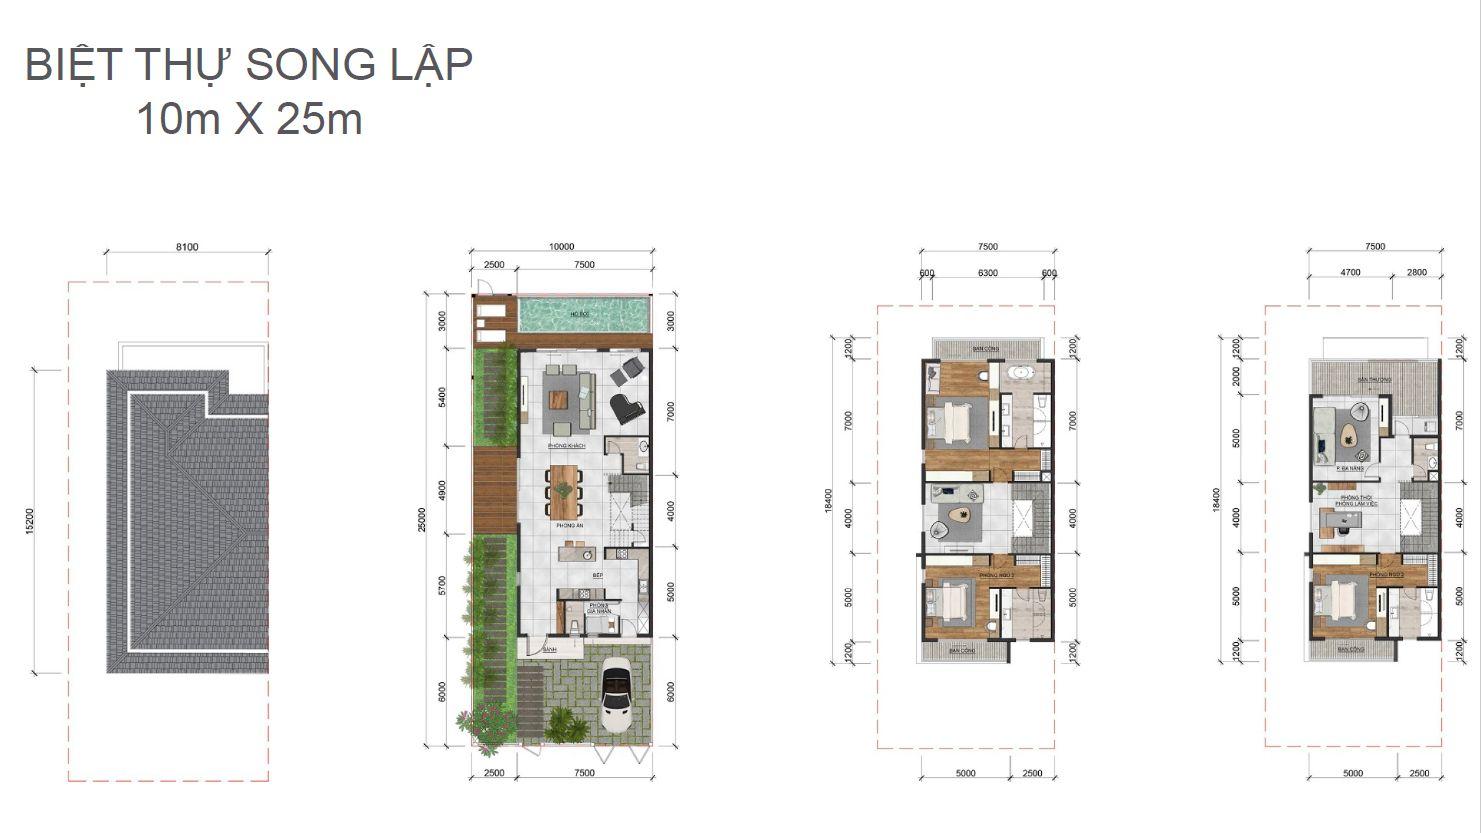 Thiết kế 2D biệt thự song lập dự án Palm Marina Novaland -Quận 9